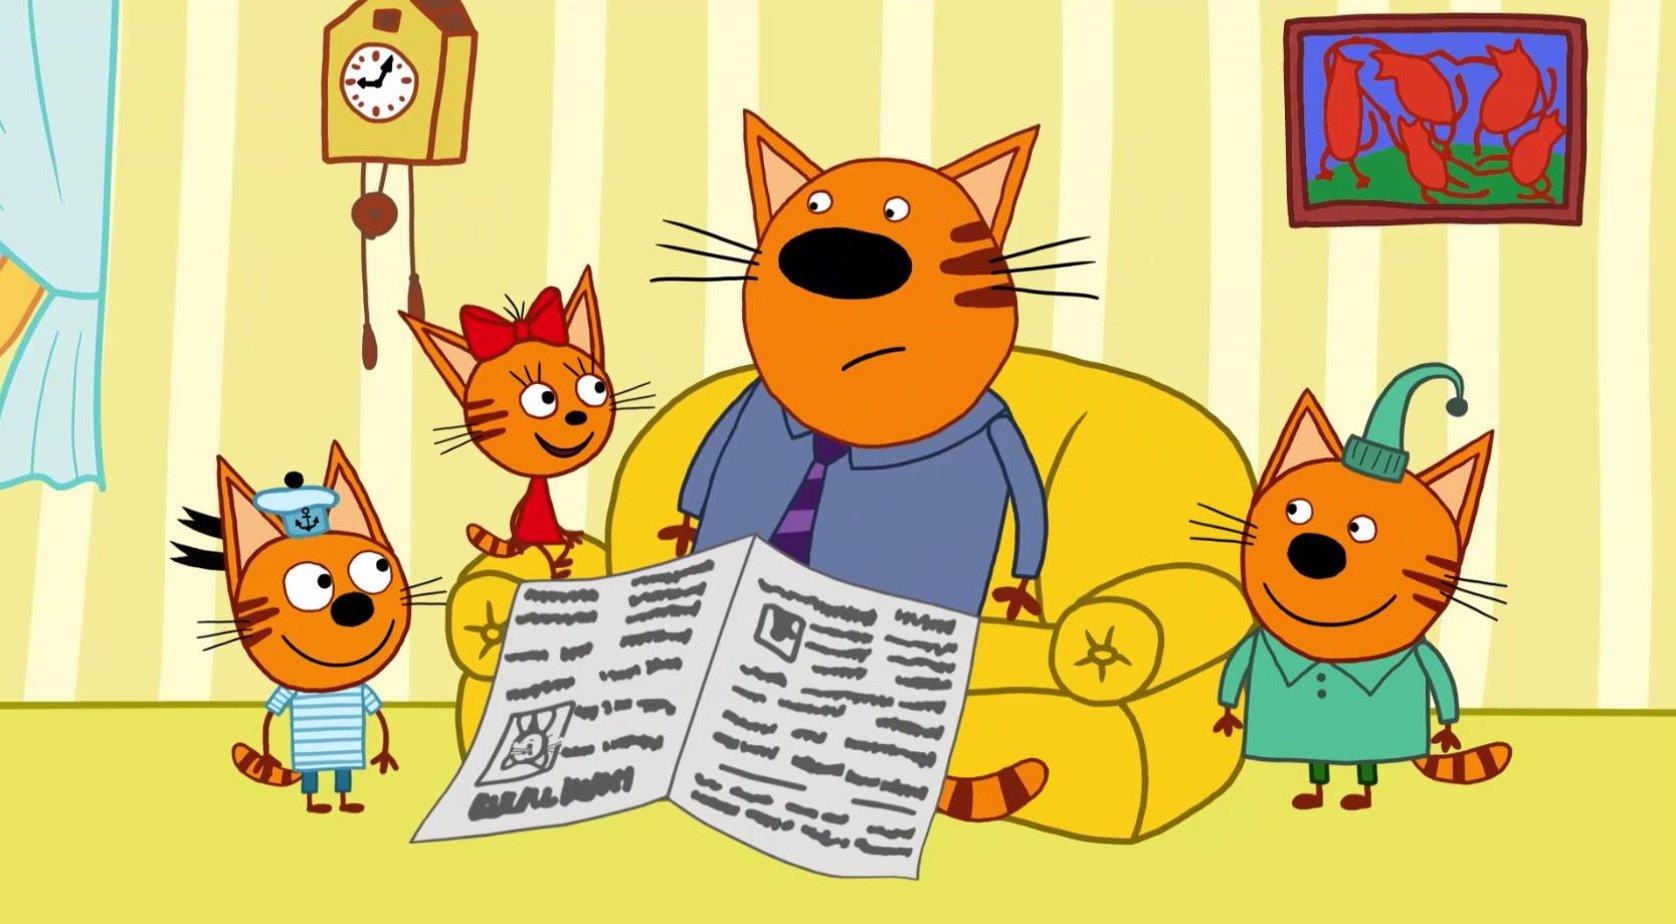 итоге кот три кота с братиком картинки открытием